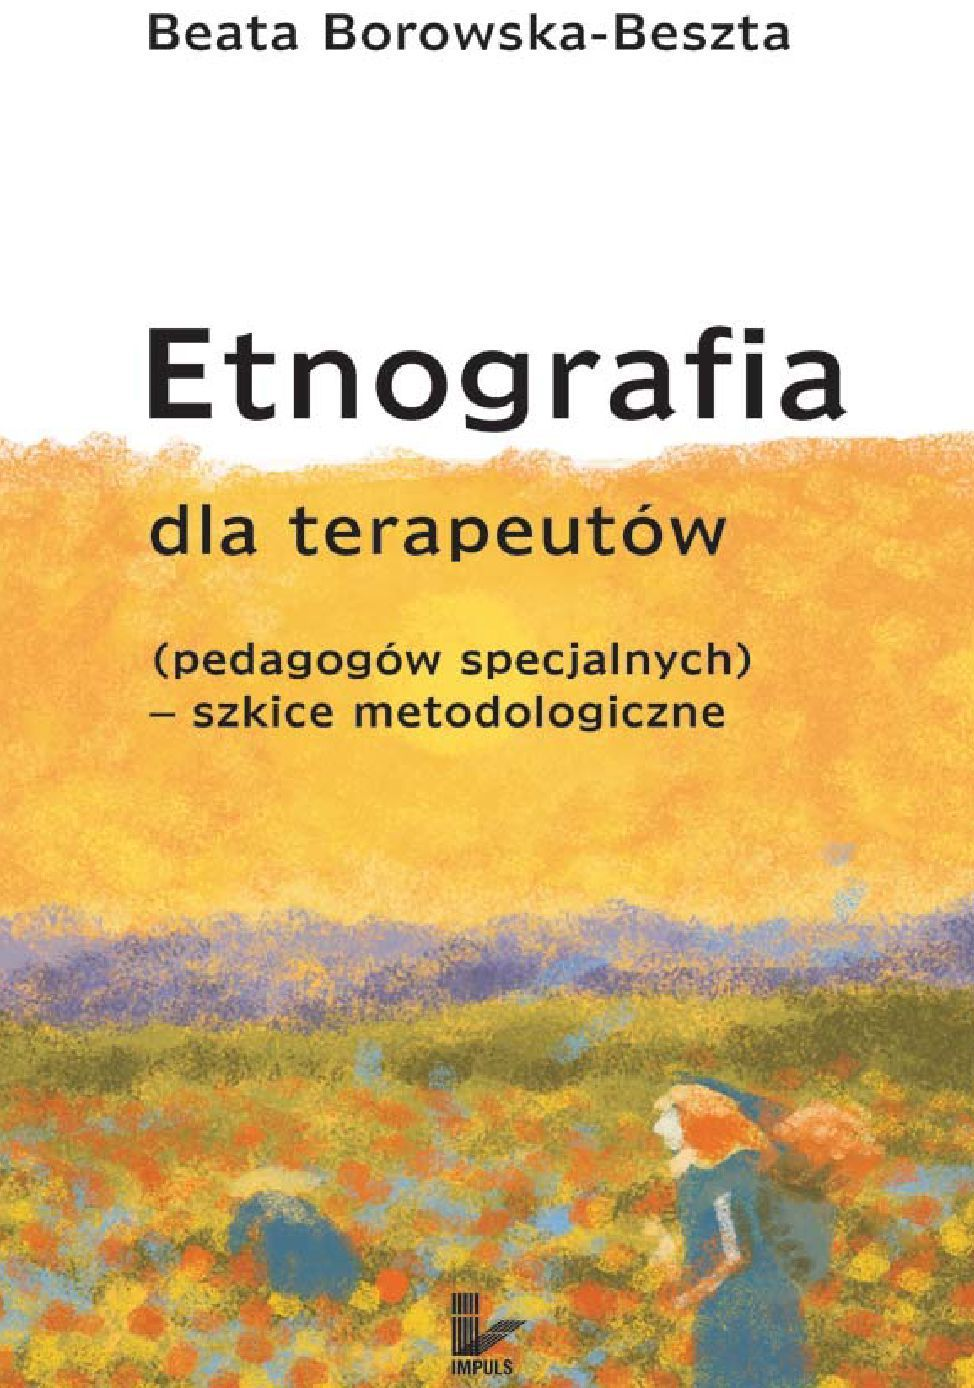 Etnografia dla terapeutów - Ebook (Książka na Kindle) do pobrania w formacie MOBI